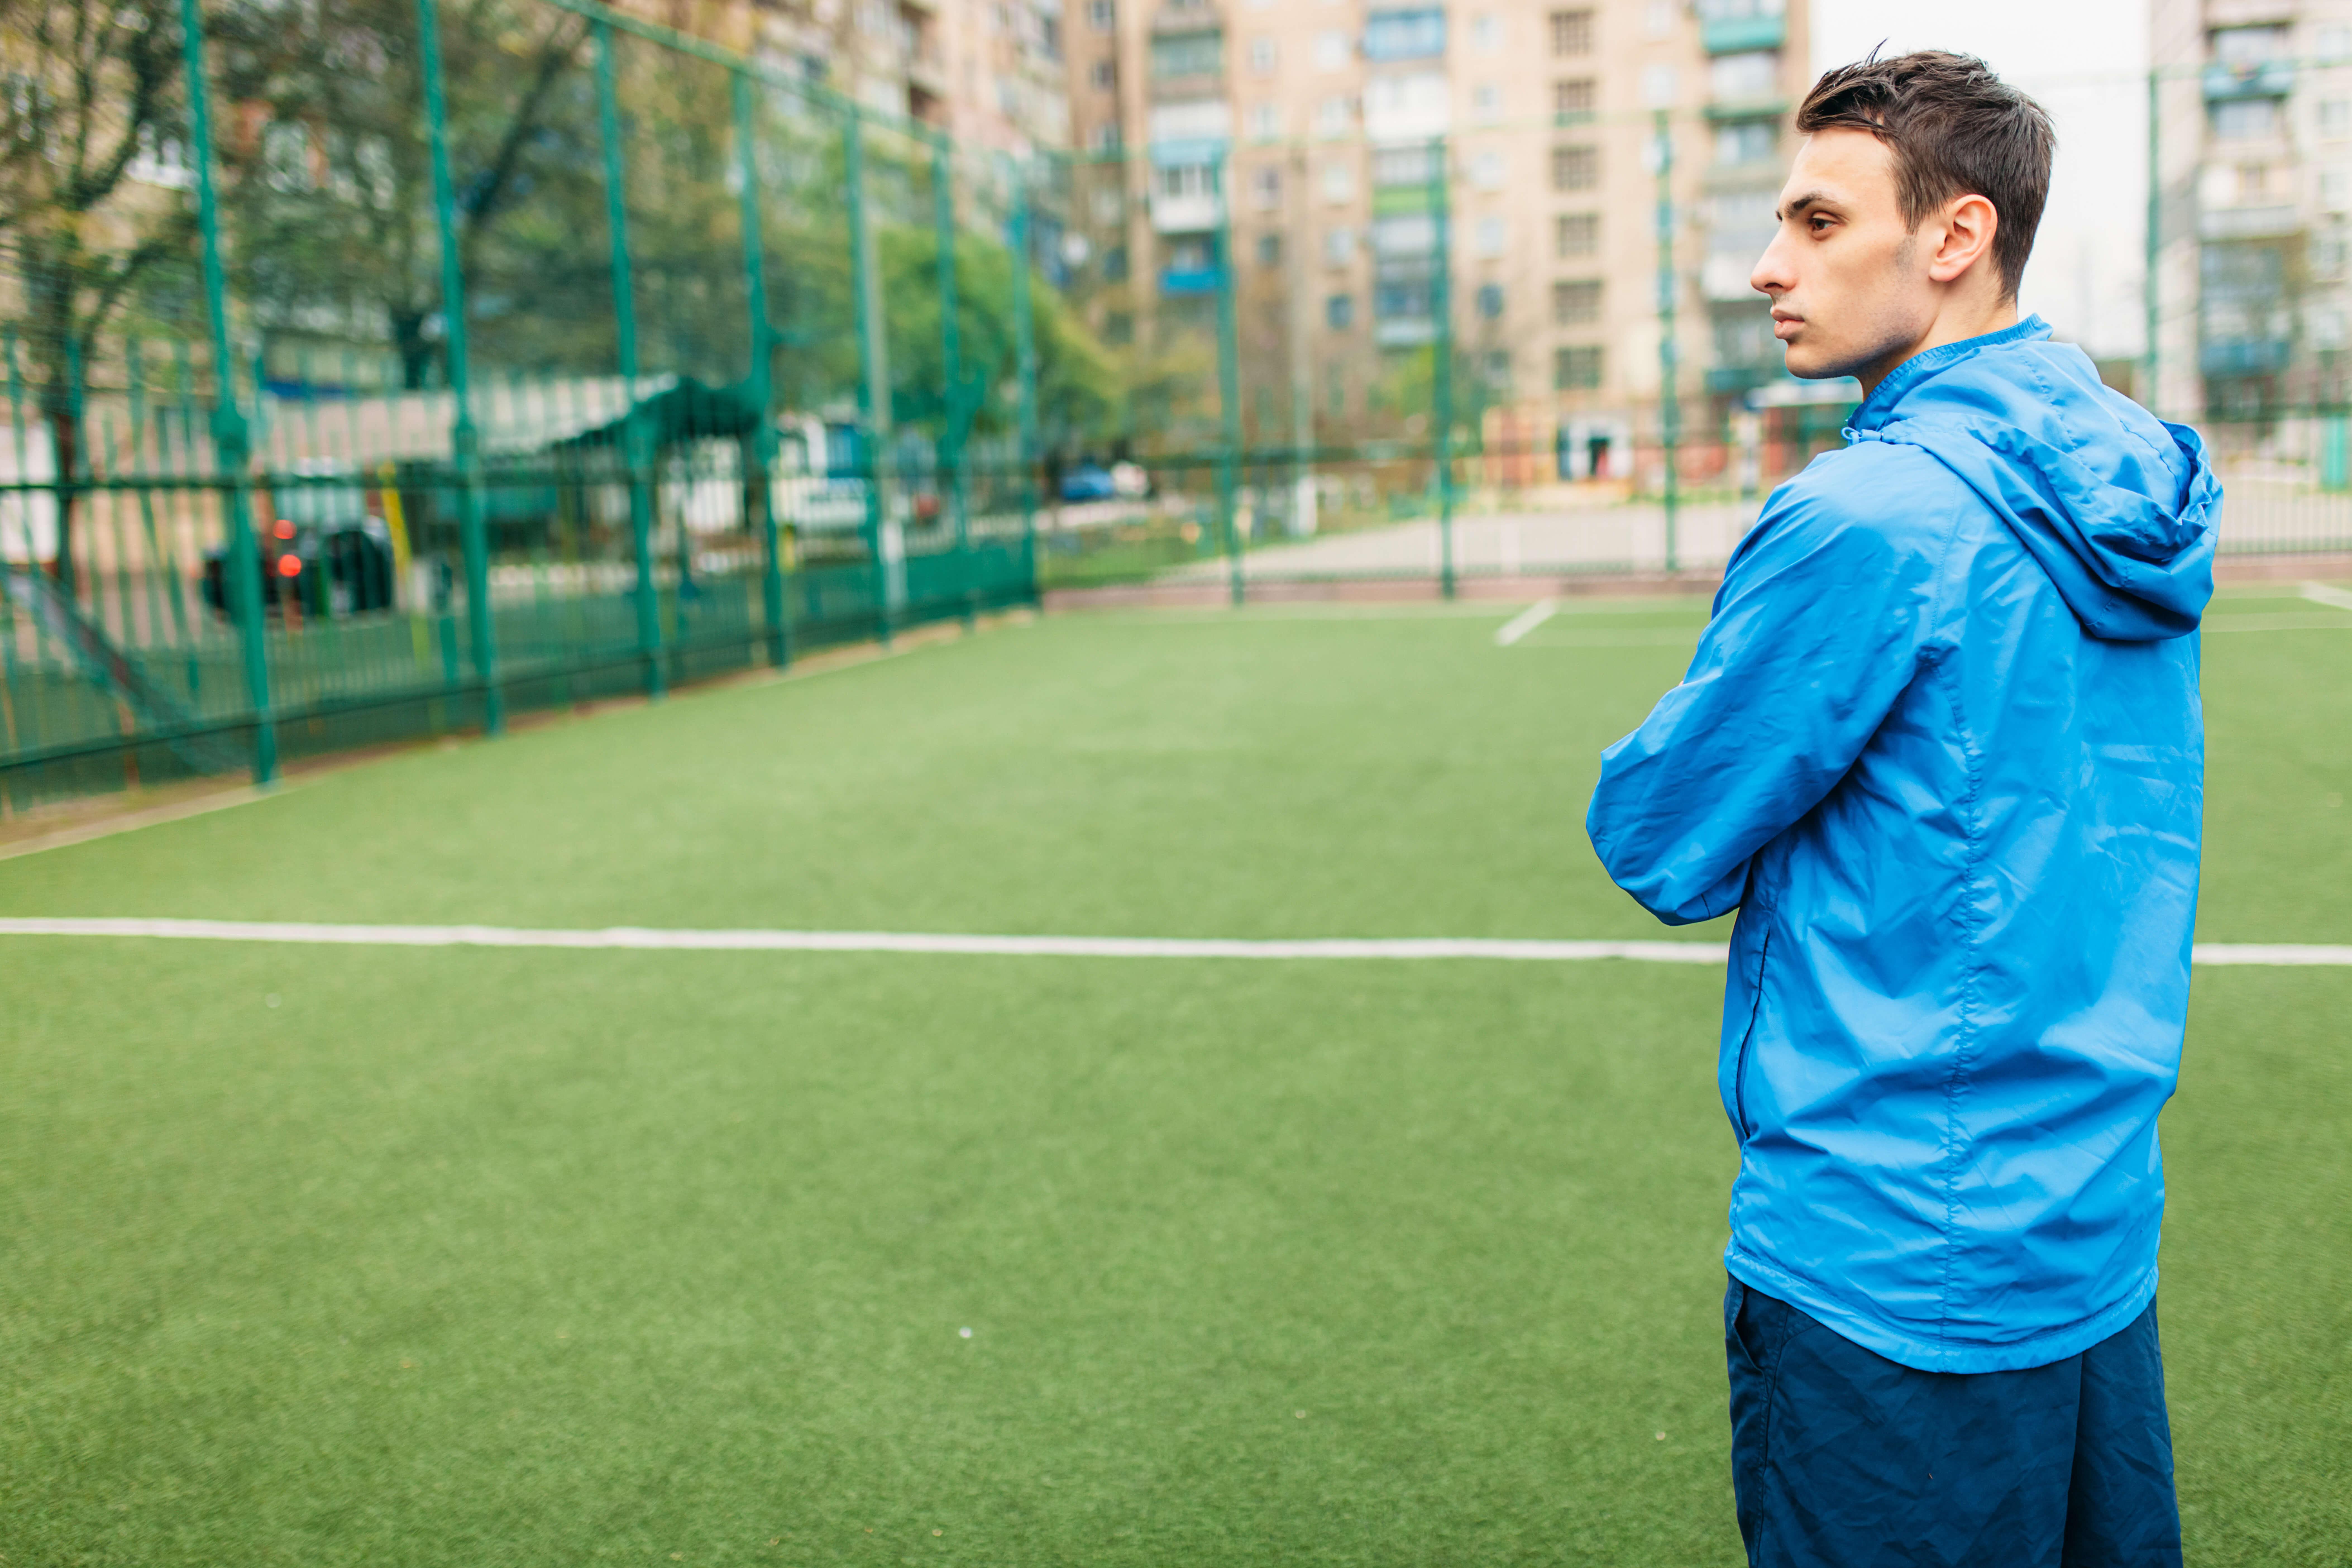 サッカー場の男性